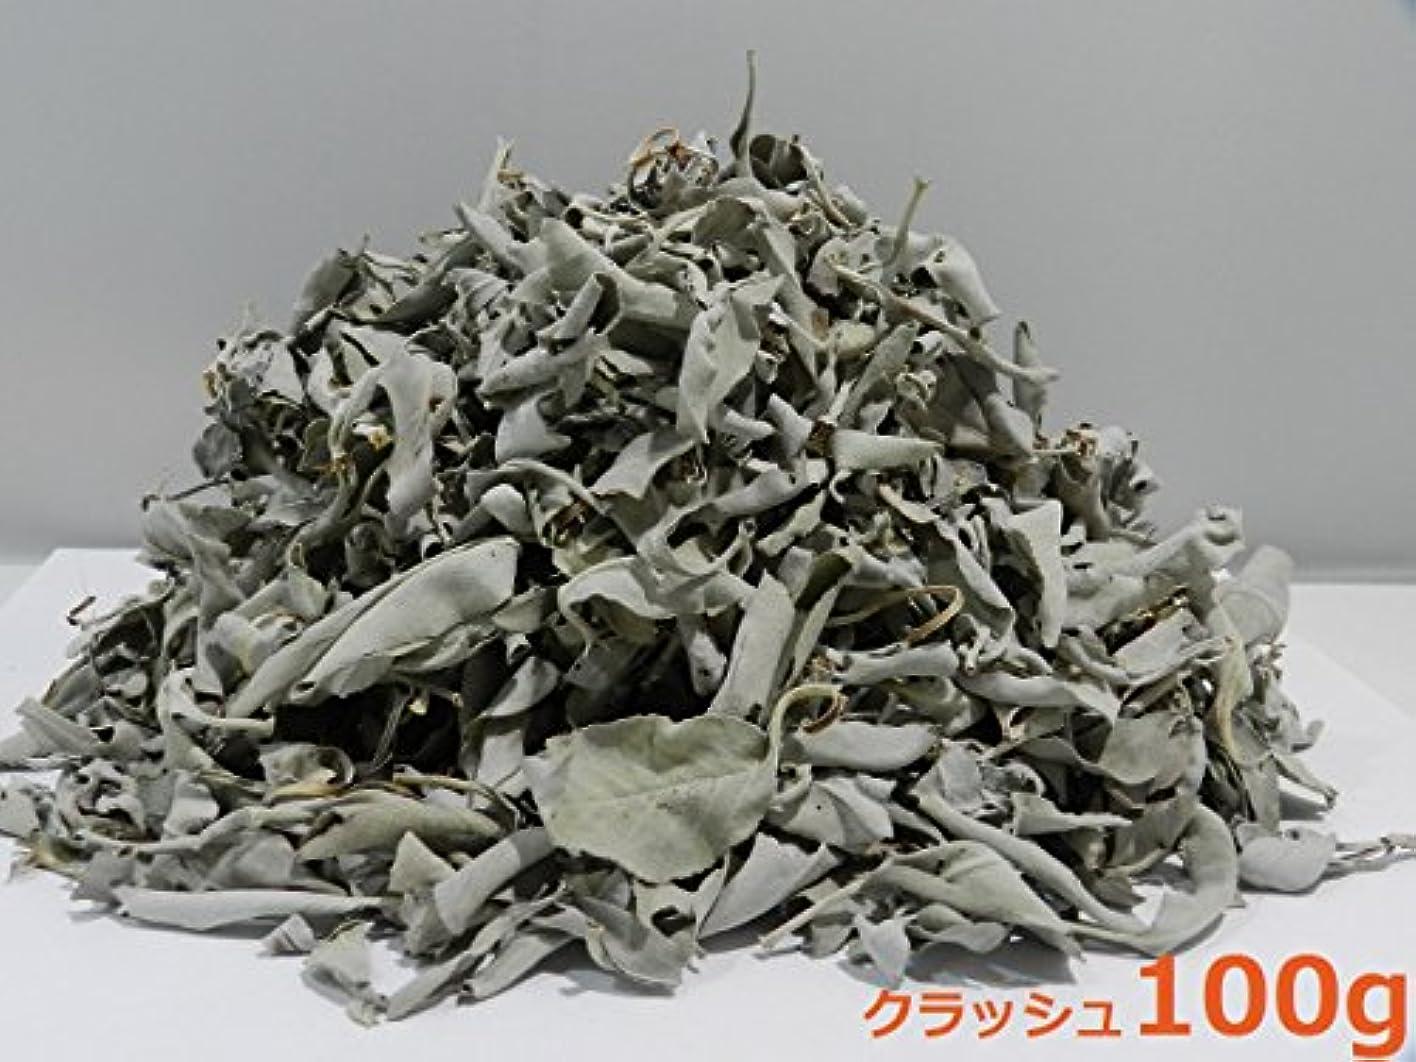 雄弁家起訴する続編カリフォルニア産 浄化用 ホワイトセージ /White Sage クラッシュ 100g☆海外輸入品